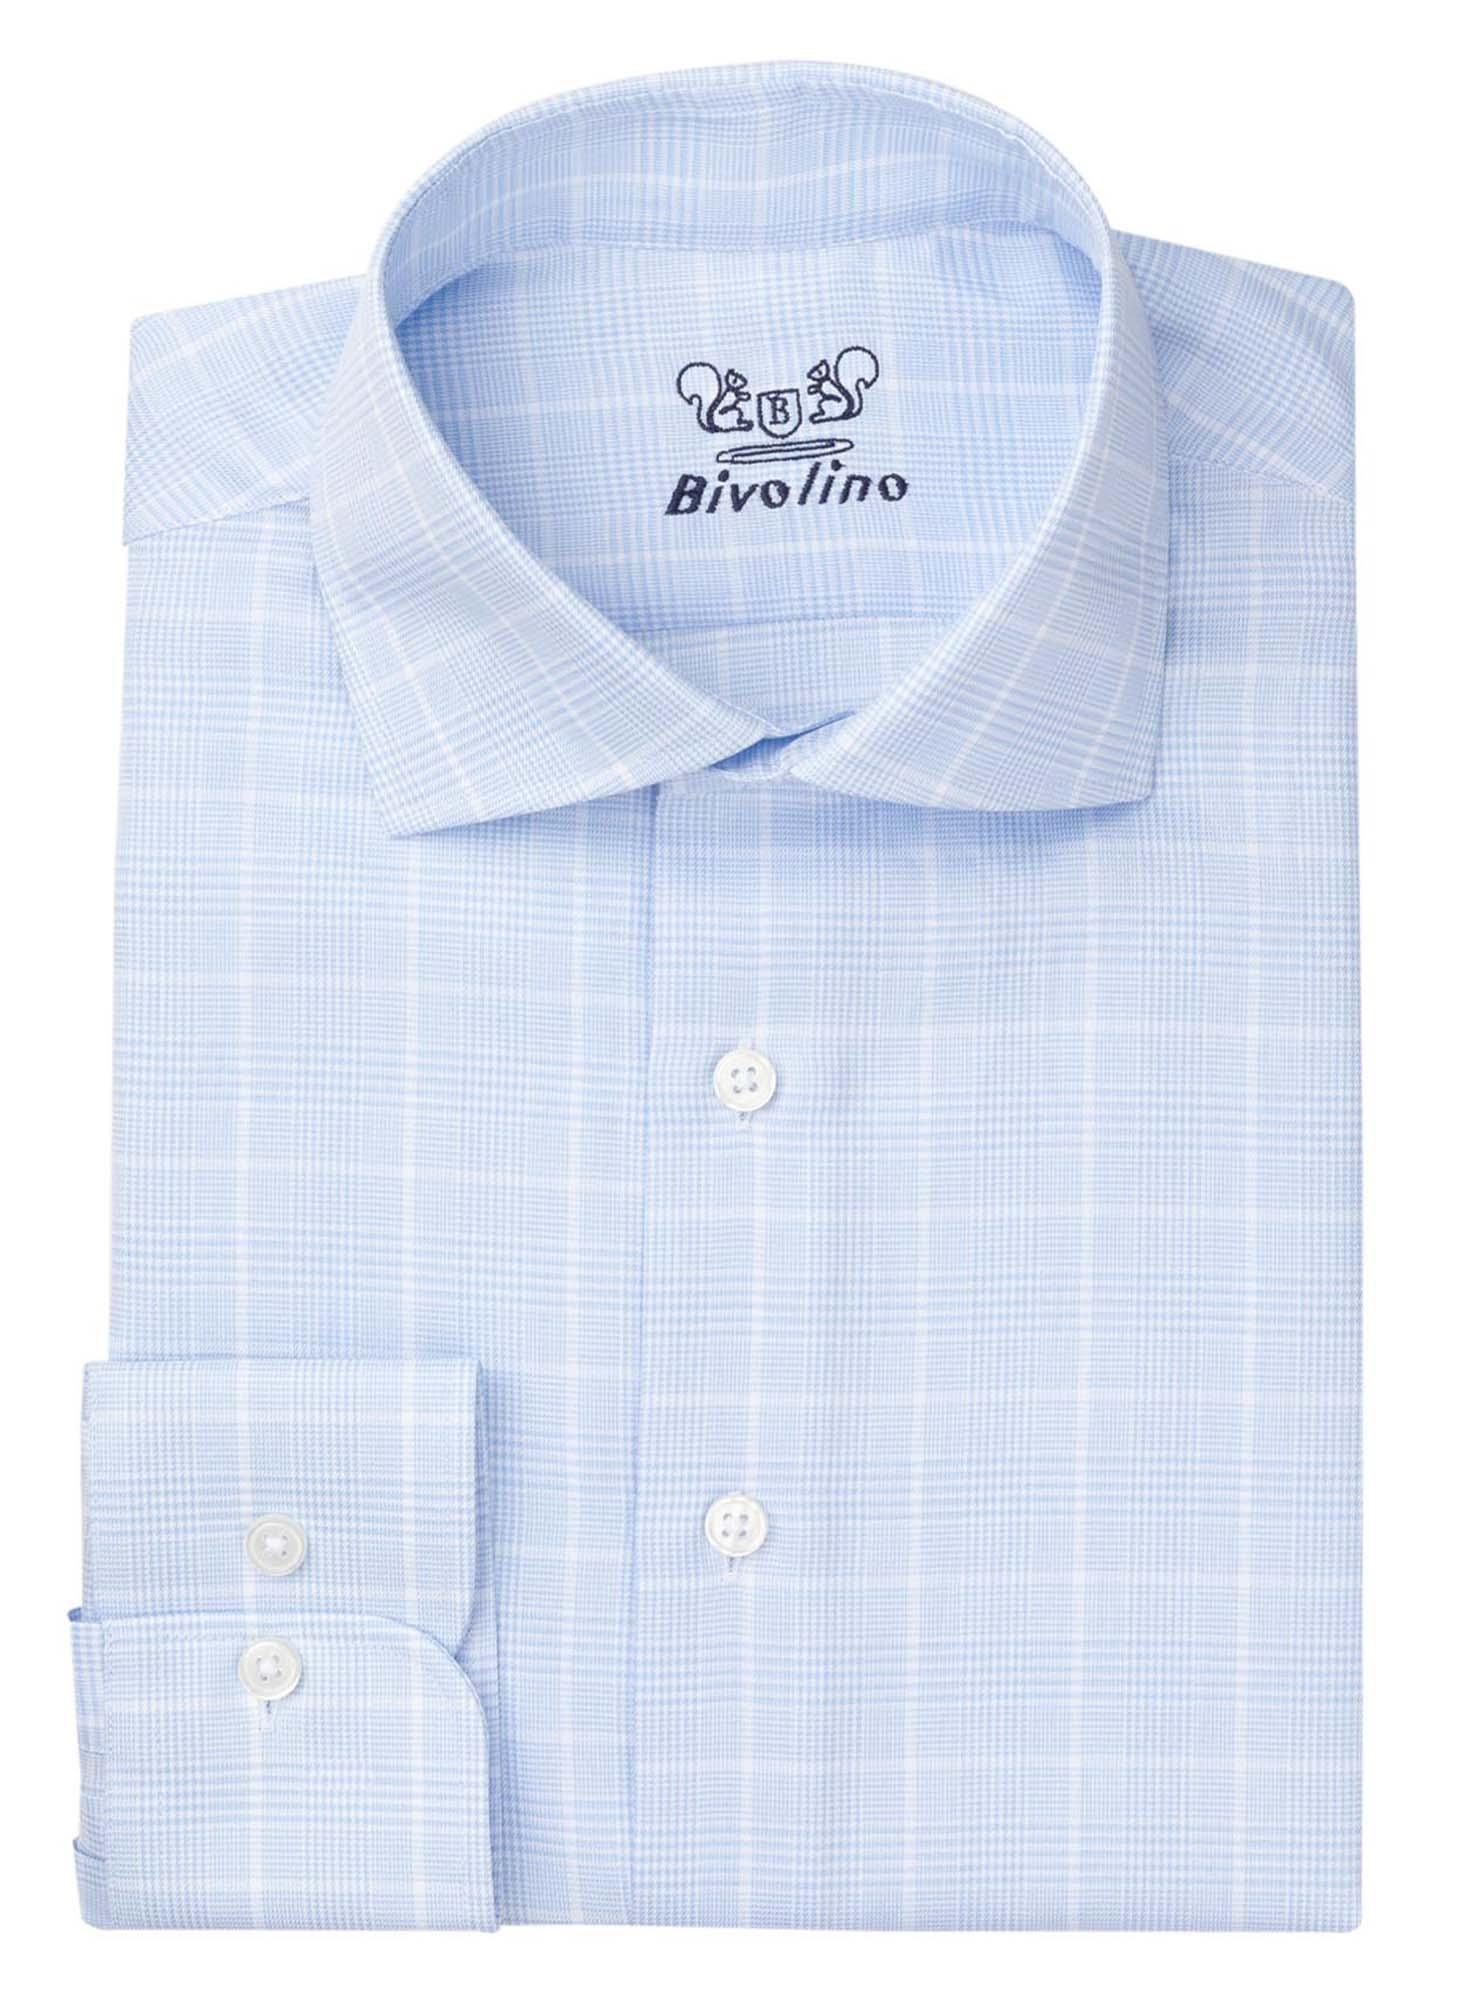 PERUGIA - chemise homme coton déperlant anti-tâches - INDUO 1